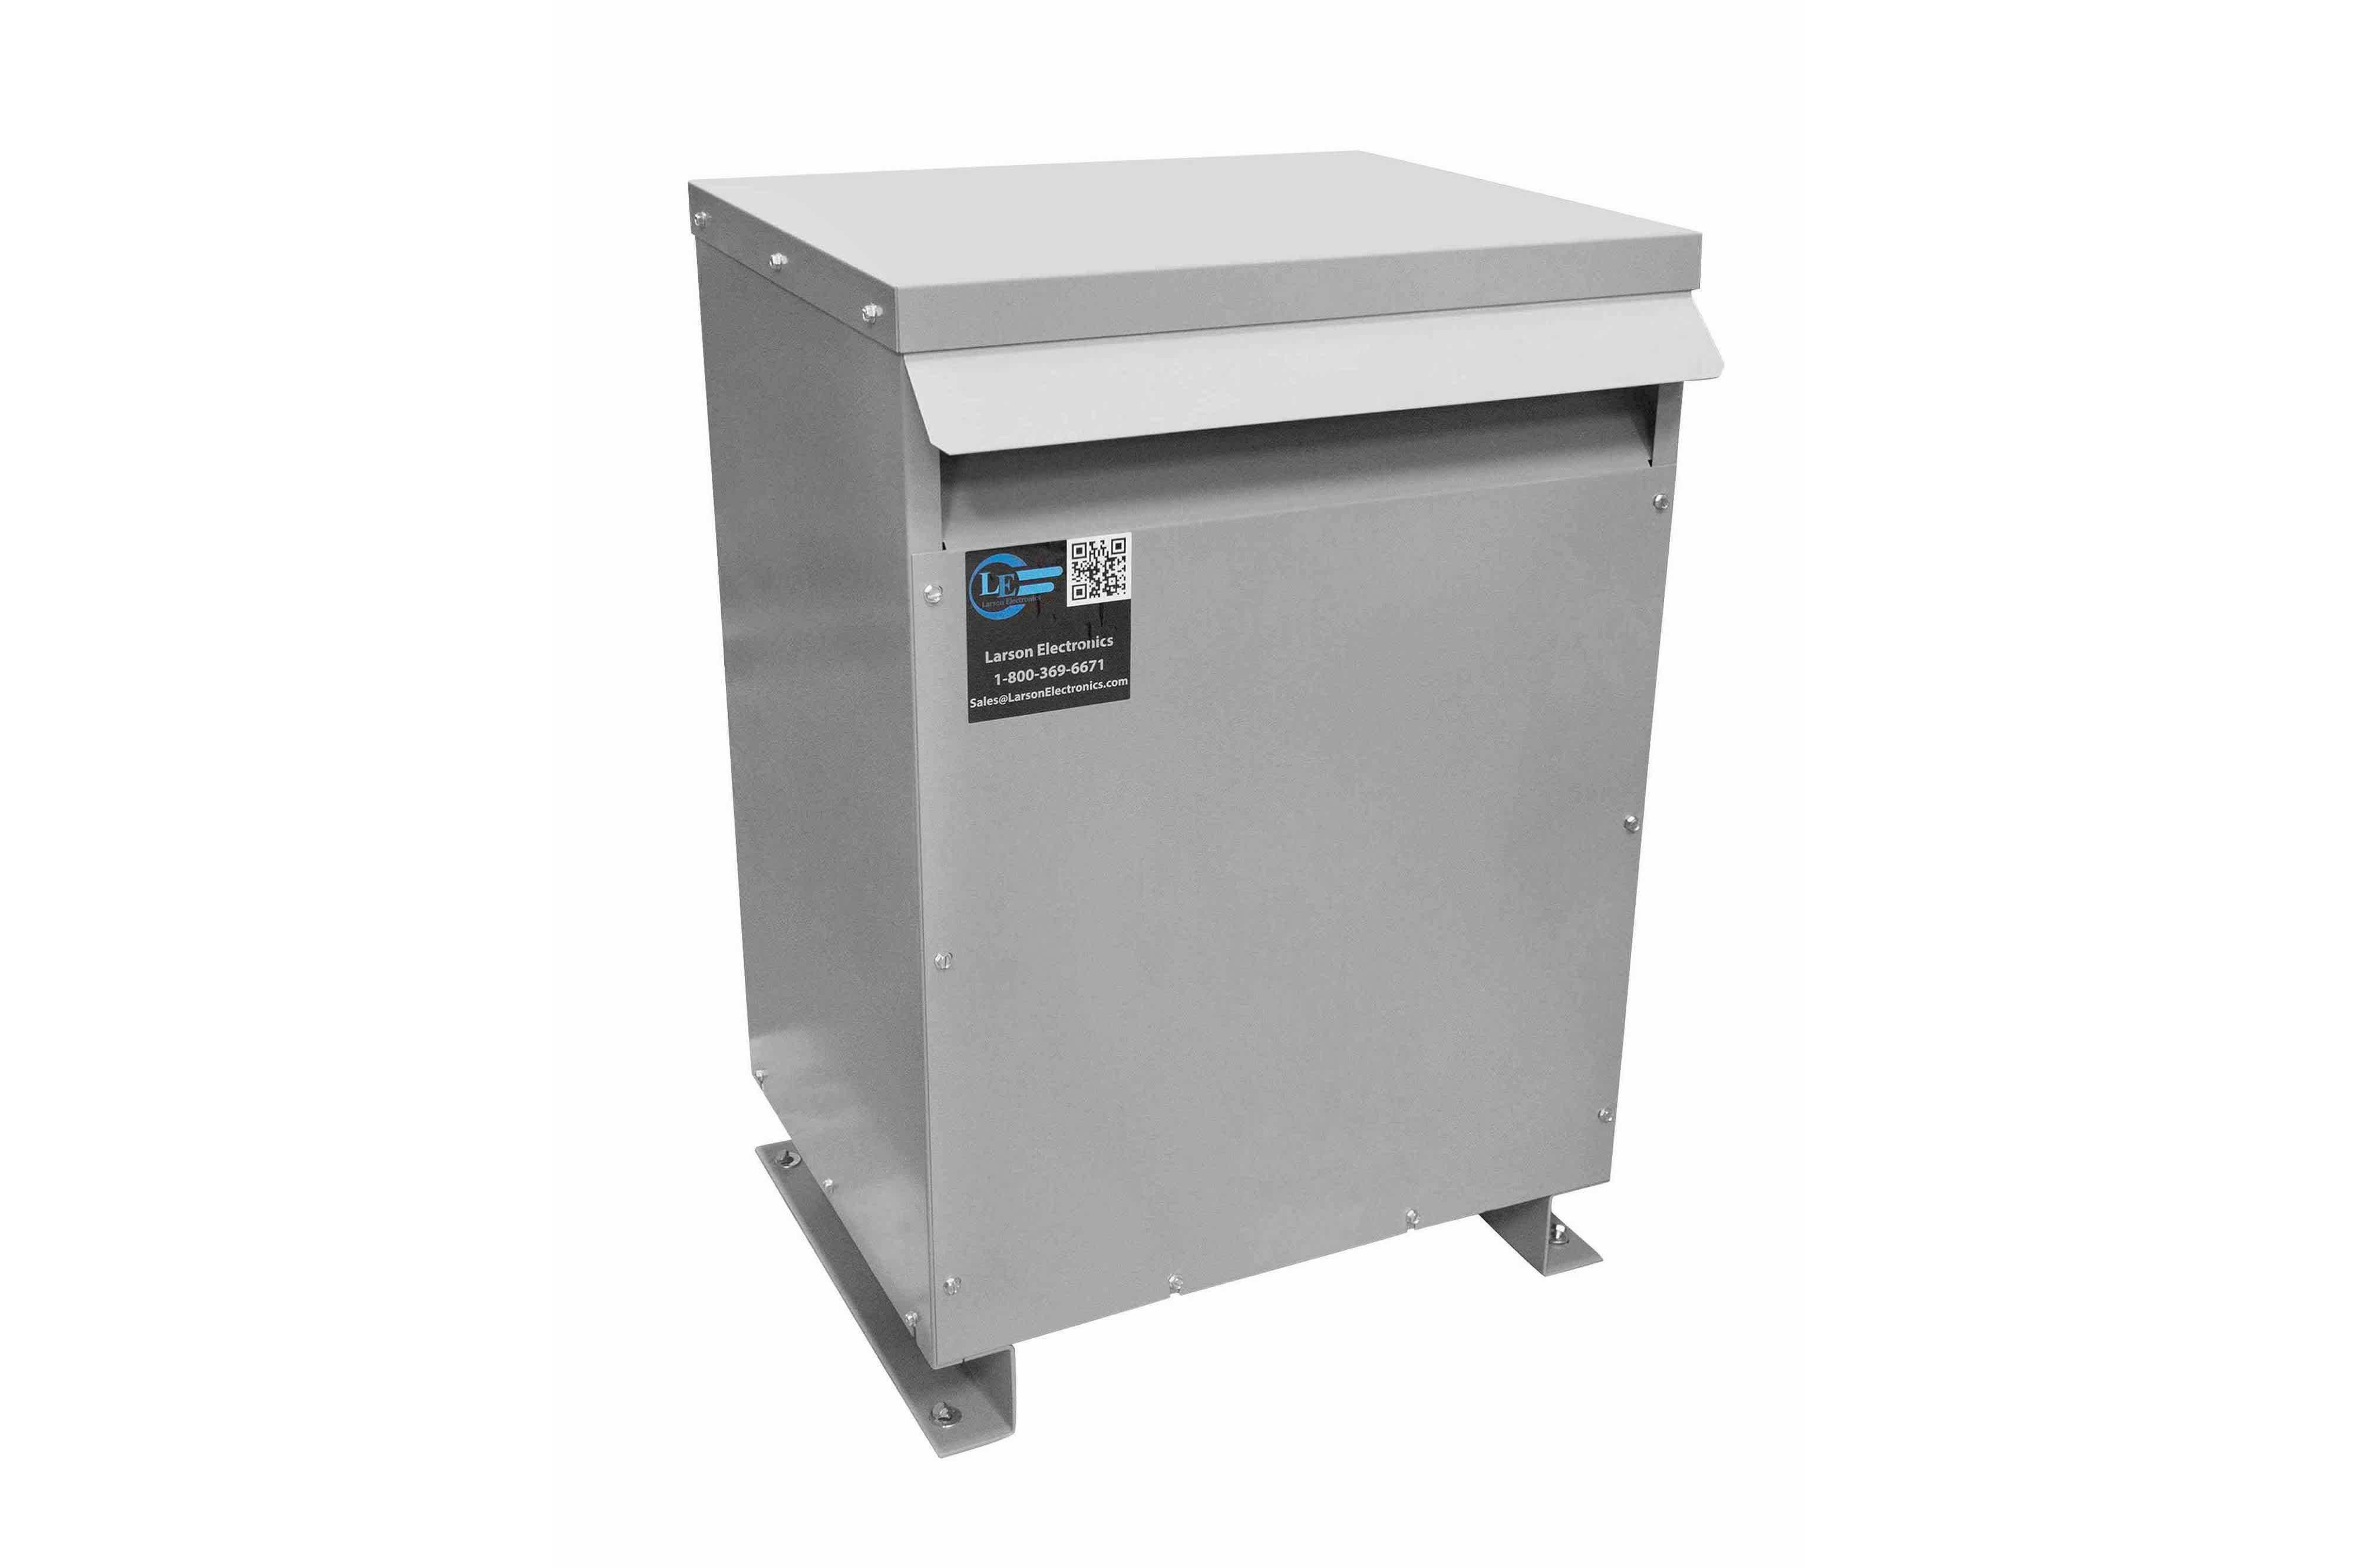 45 kVA 3PH DOE Transformer, 460V Delta Primary, 240V/120 Delta Secondary, N3R, Ventilated, 60 Hz